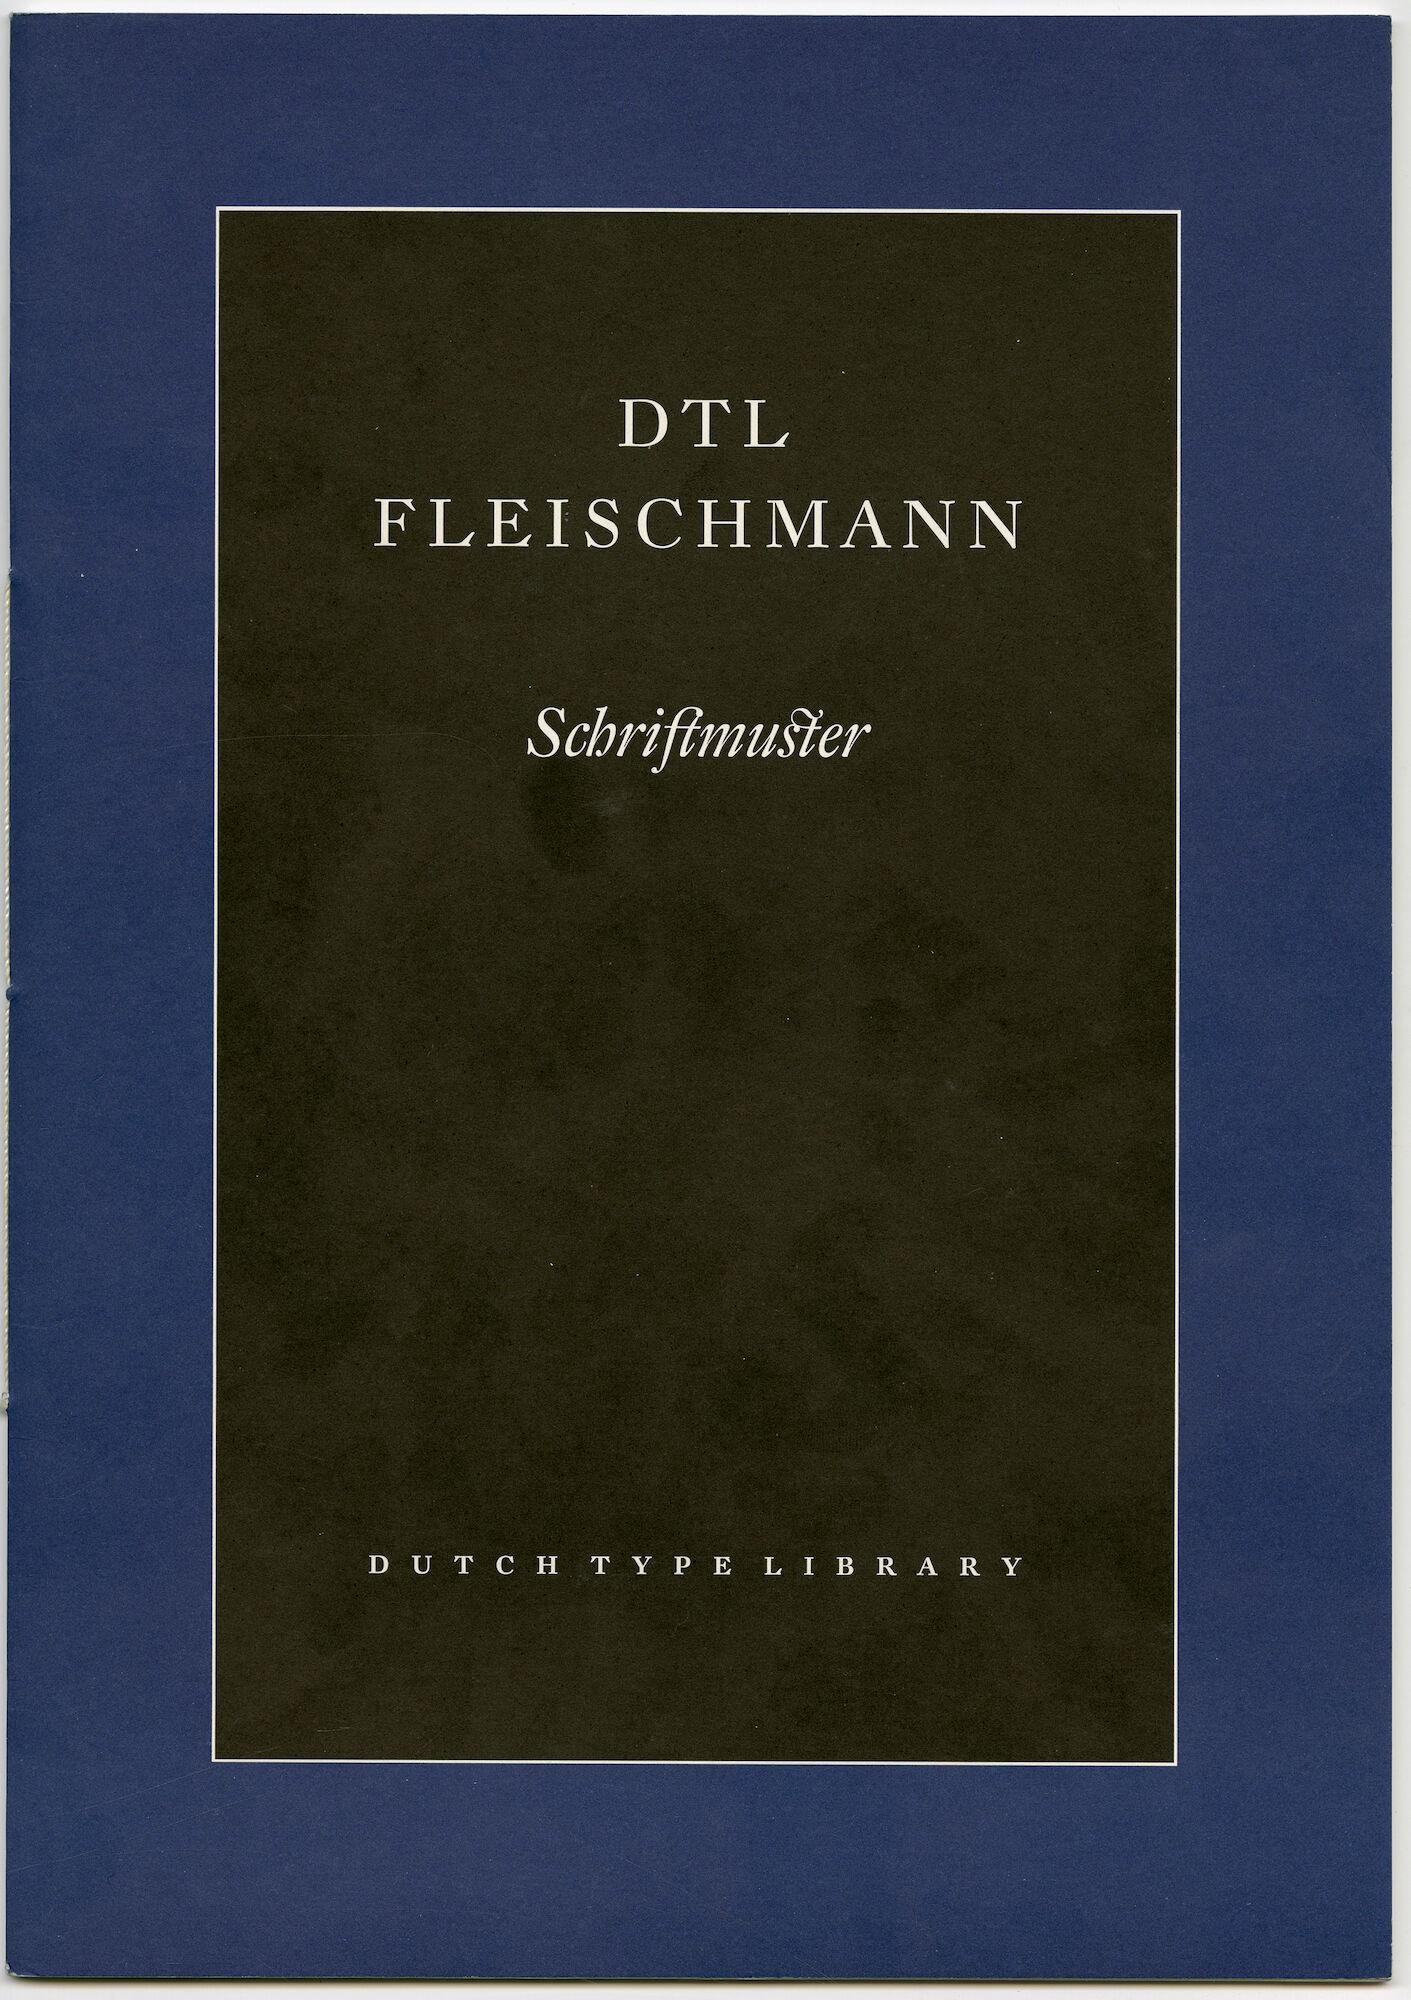 Letterproef met lettertype DTL Fleischmann